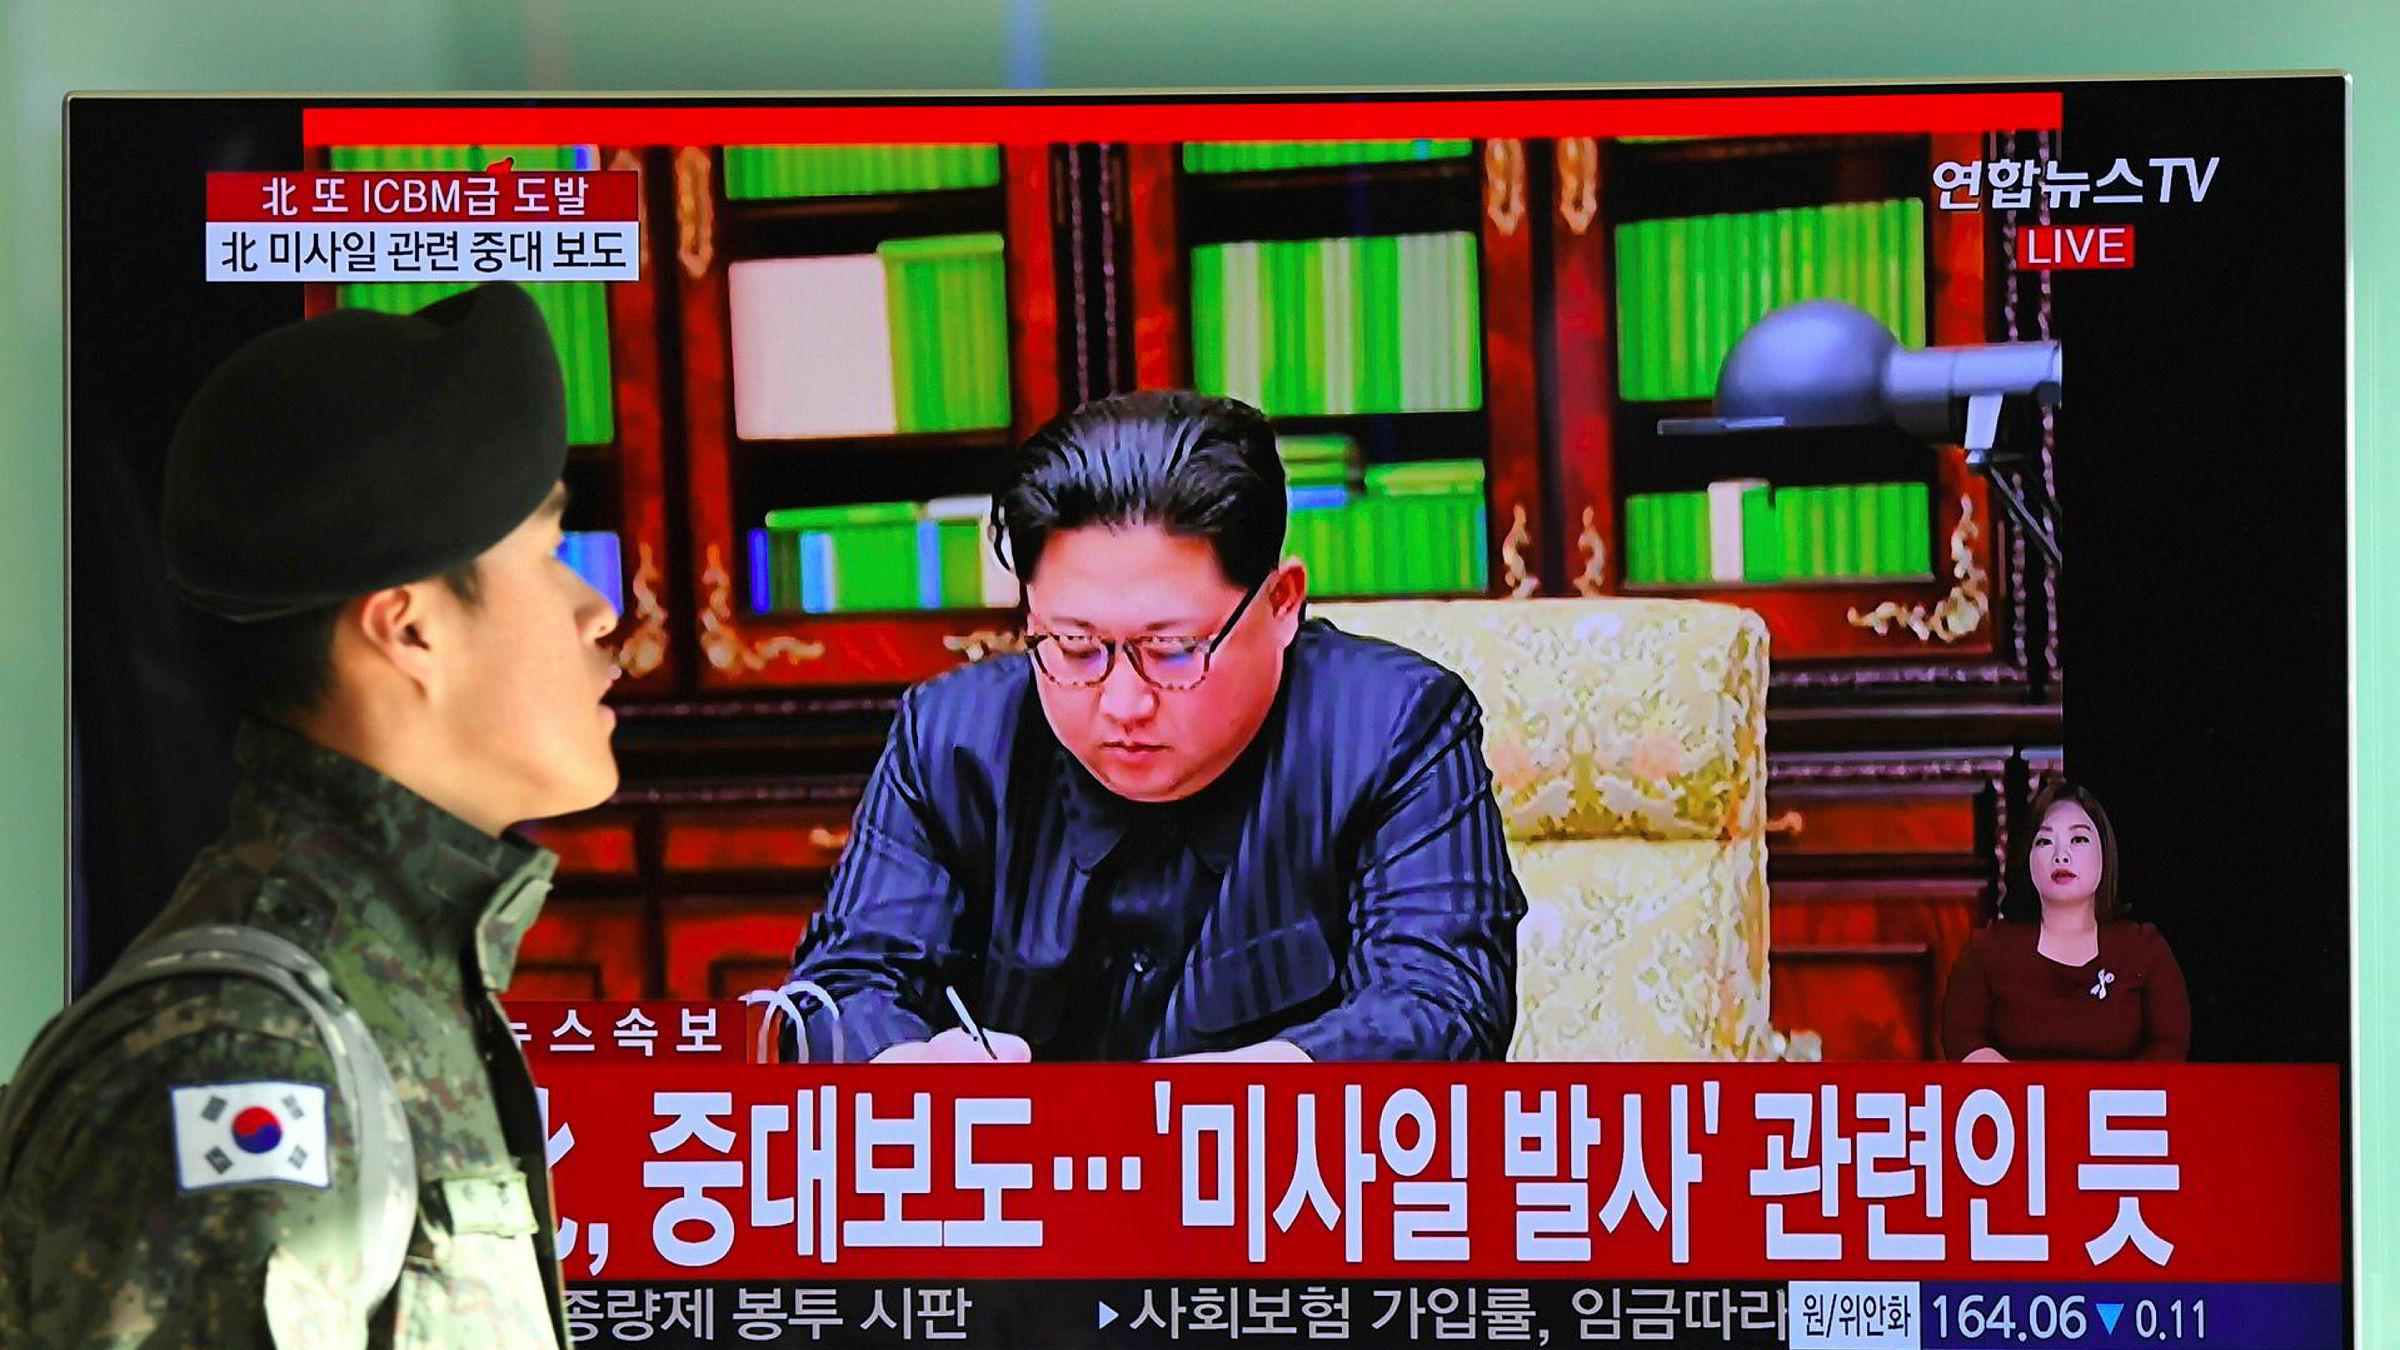 Nord-Koreas leder Kim Jong-un sier at tirsdagens test av en ny type interkontinental ballistisk missil, Hwasong-15, var vellykket, og at det kan nå hele USAs fastland.